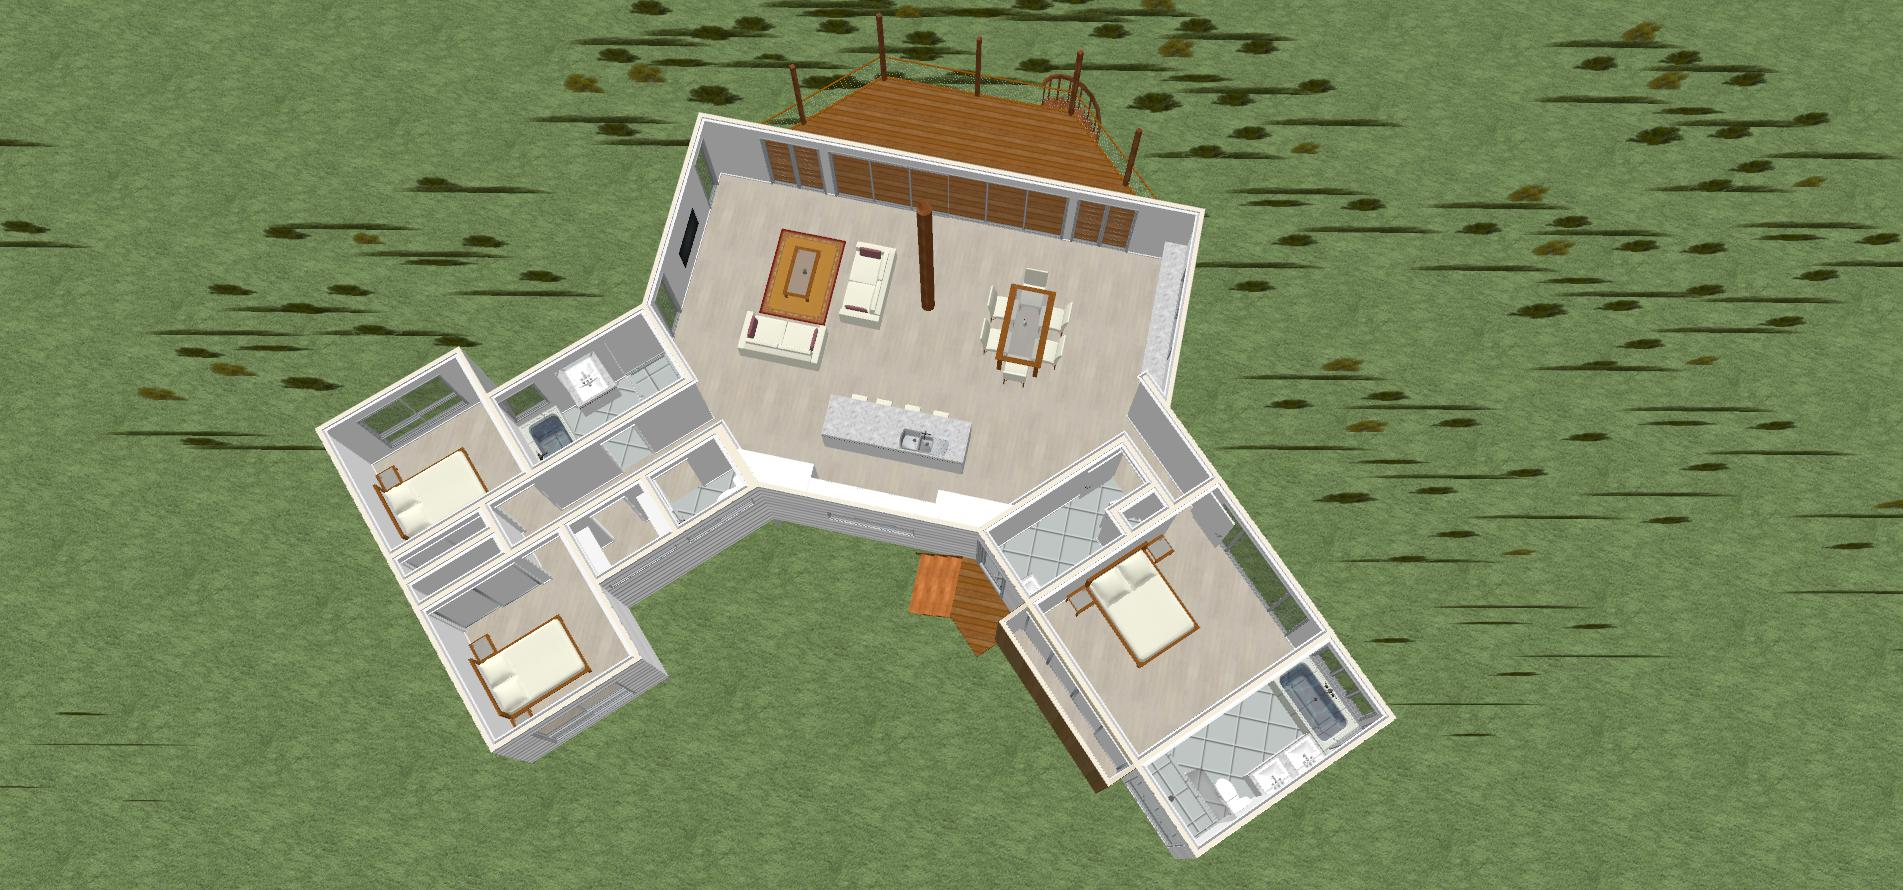 Bali 3D floorplan 2